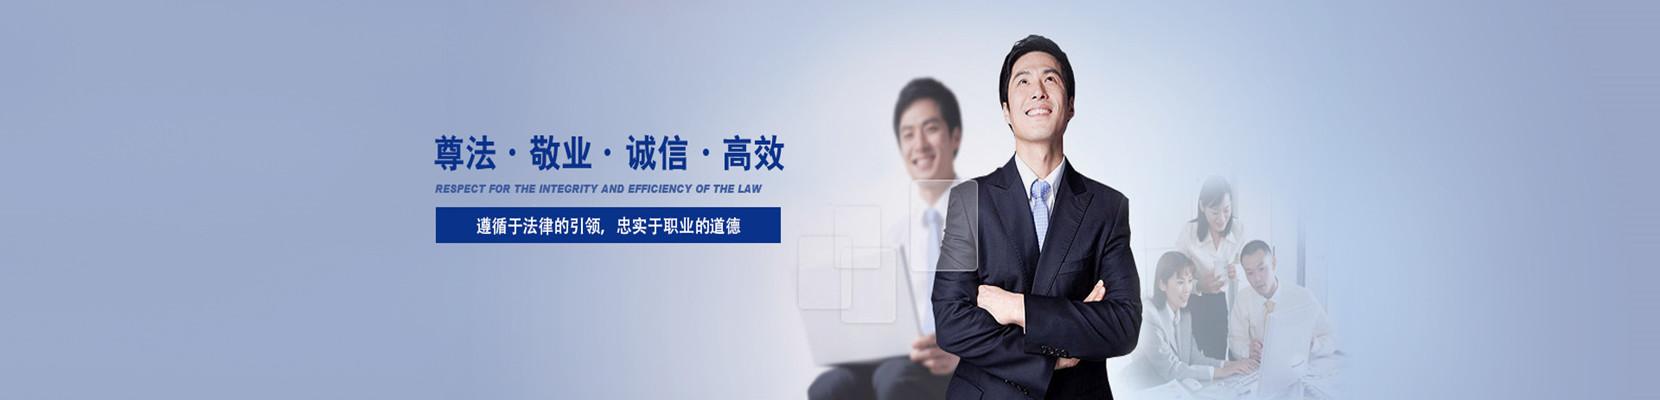 上海离婚律师大图二